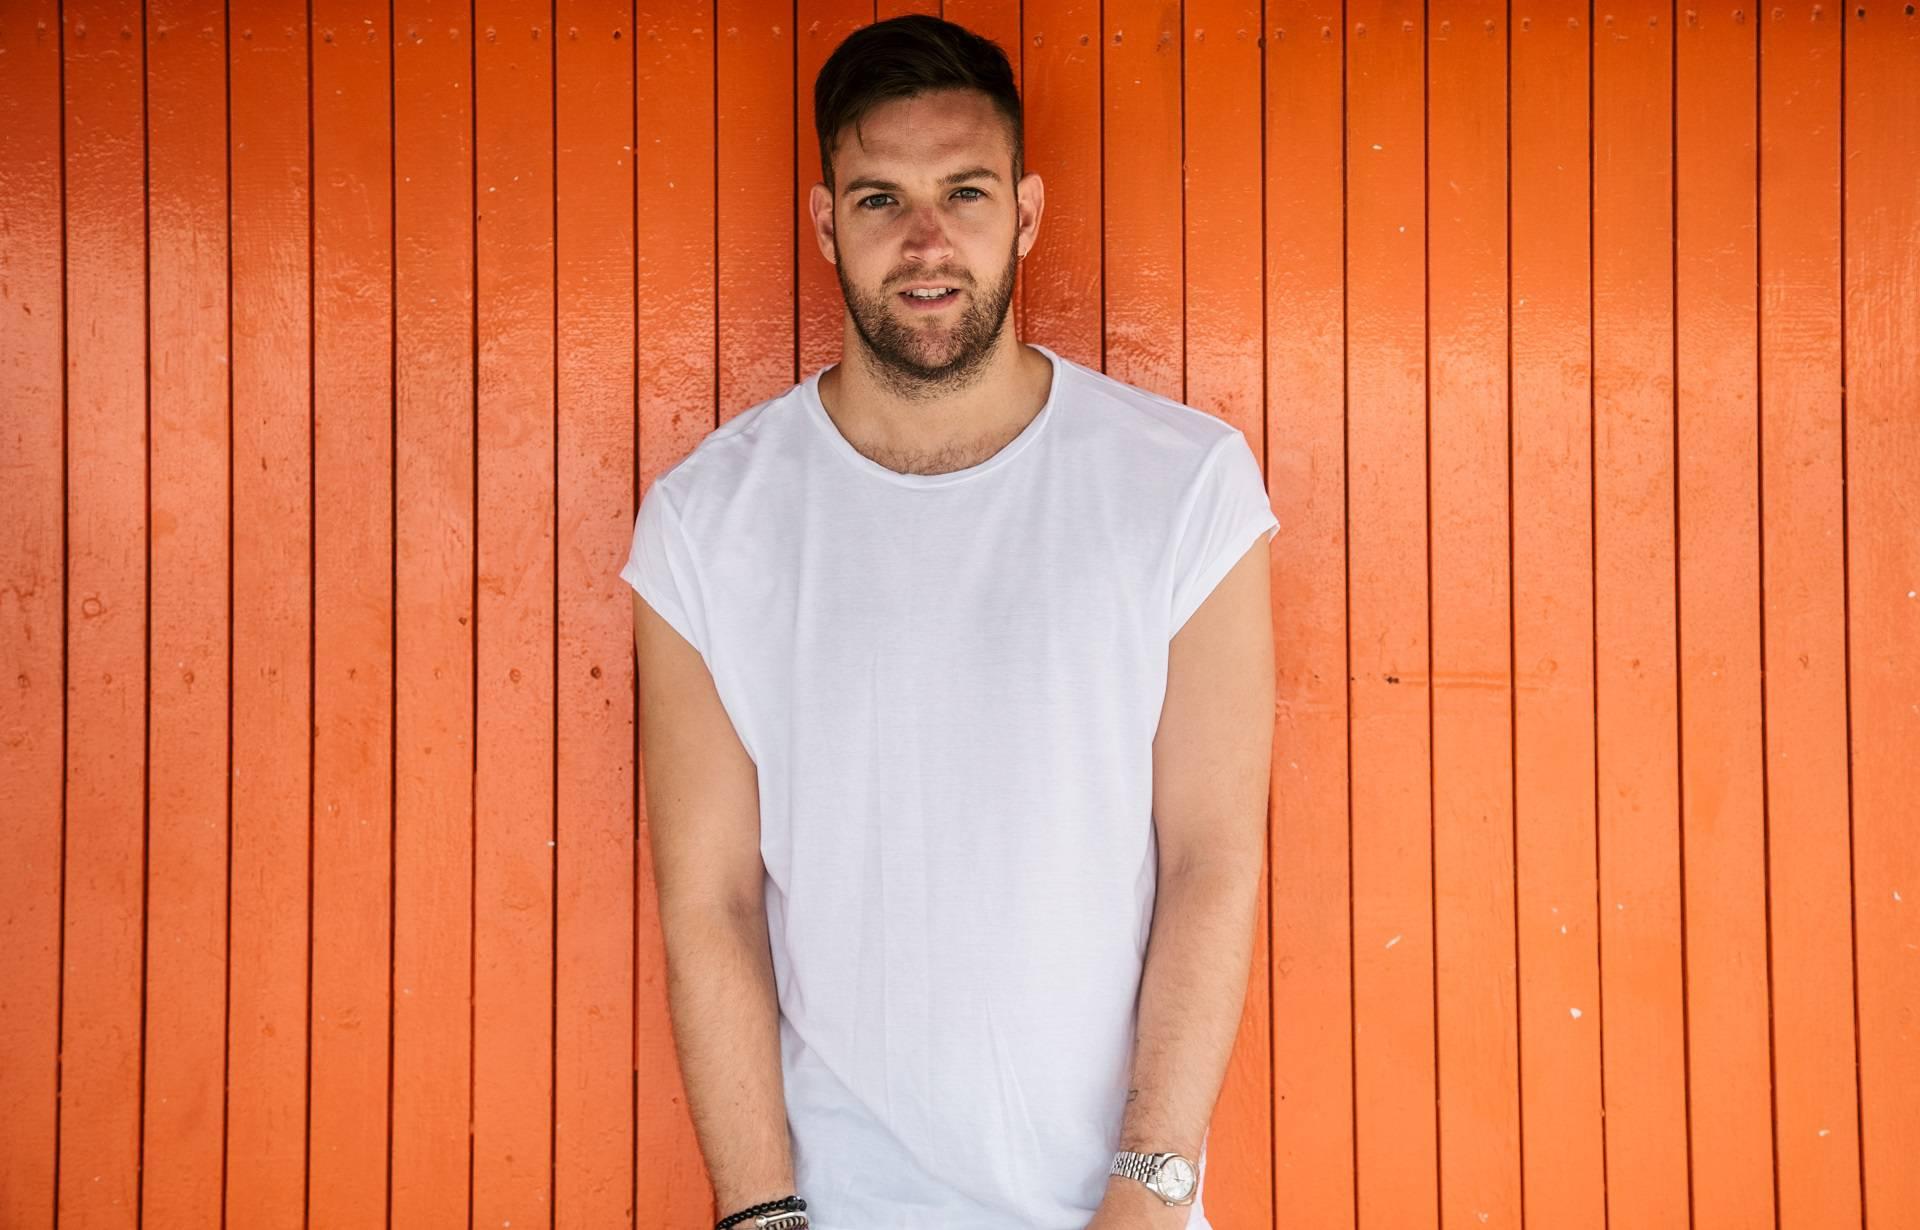 Poznati britanski DJ Secondcity uskoro nastupa u Zagrebu